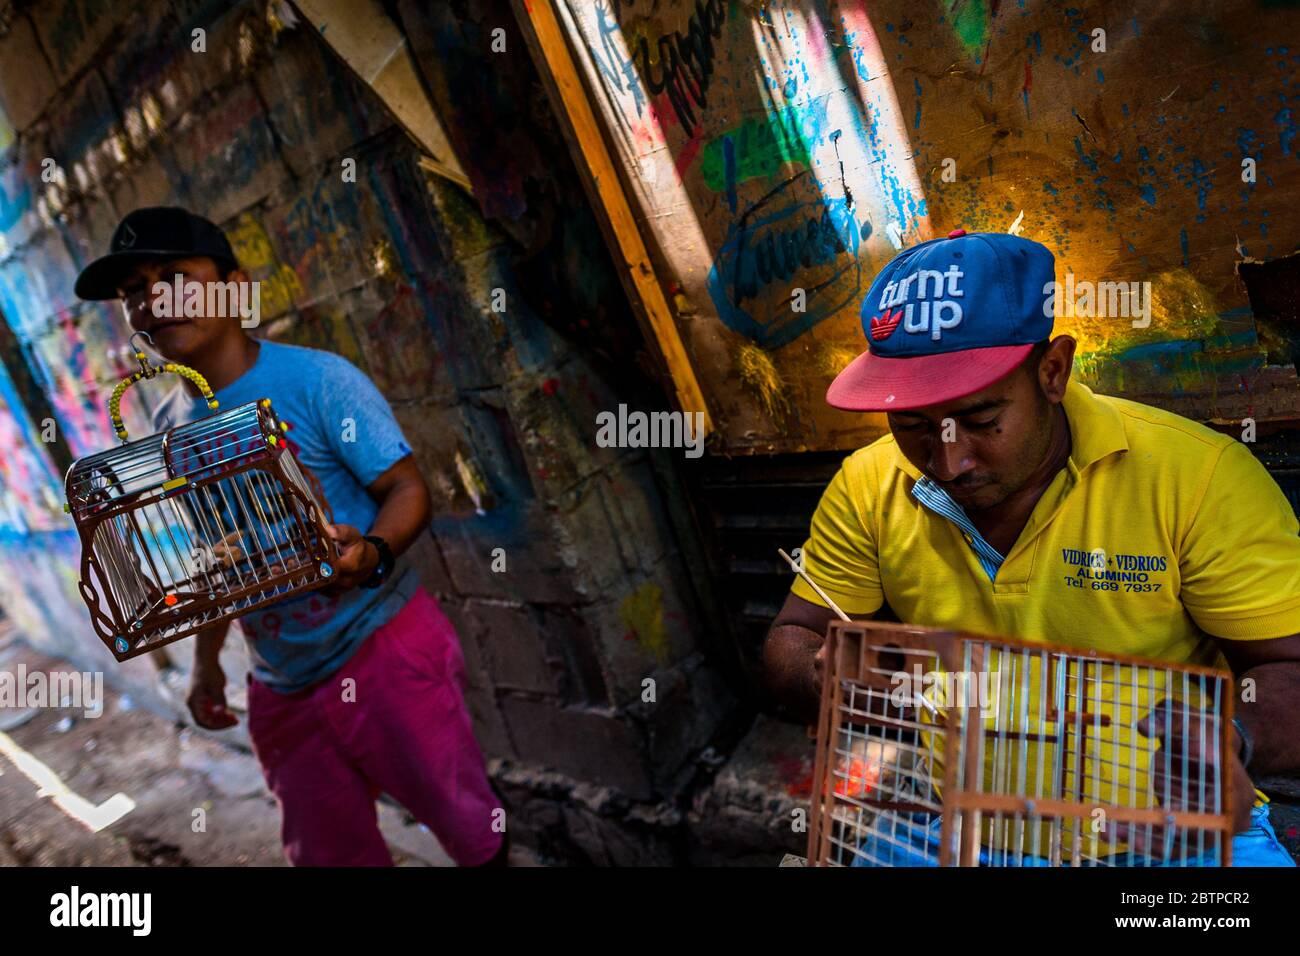 Un constructeur colombien de cages à oiseaux applique du vernis sur la surface en bois d'une cage sur le marché des oiseaux à Cartagena, en Colombie. Banque D'Images